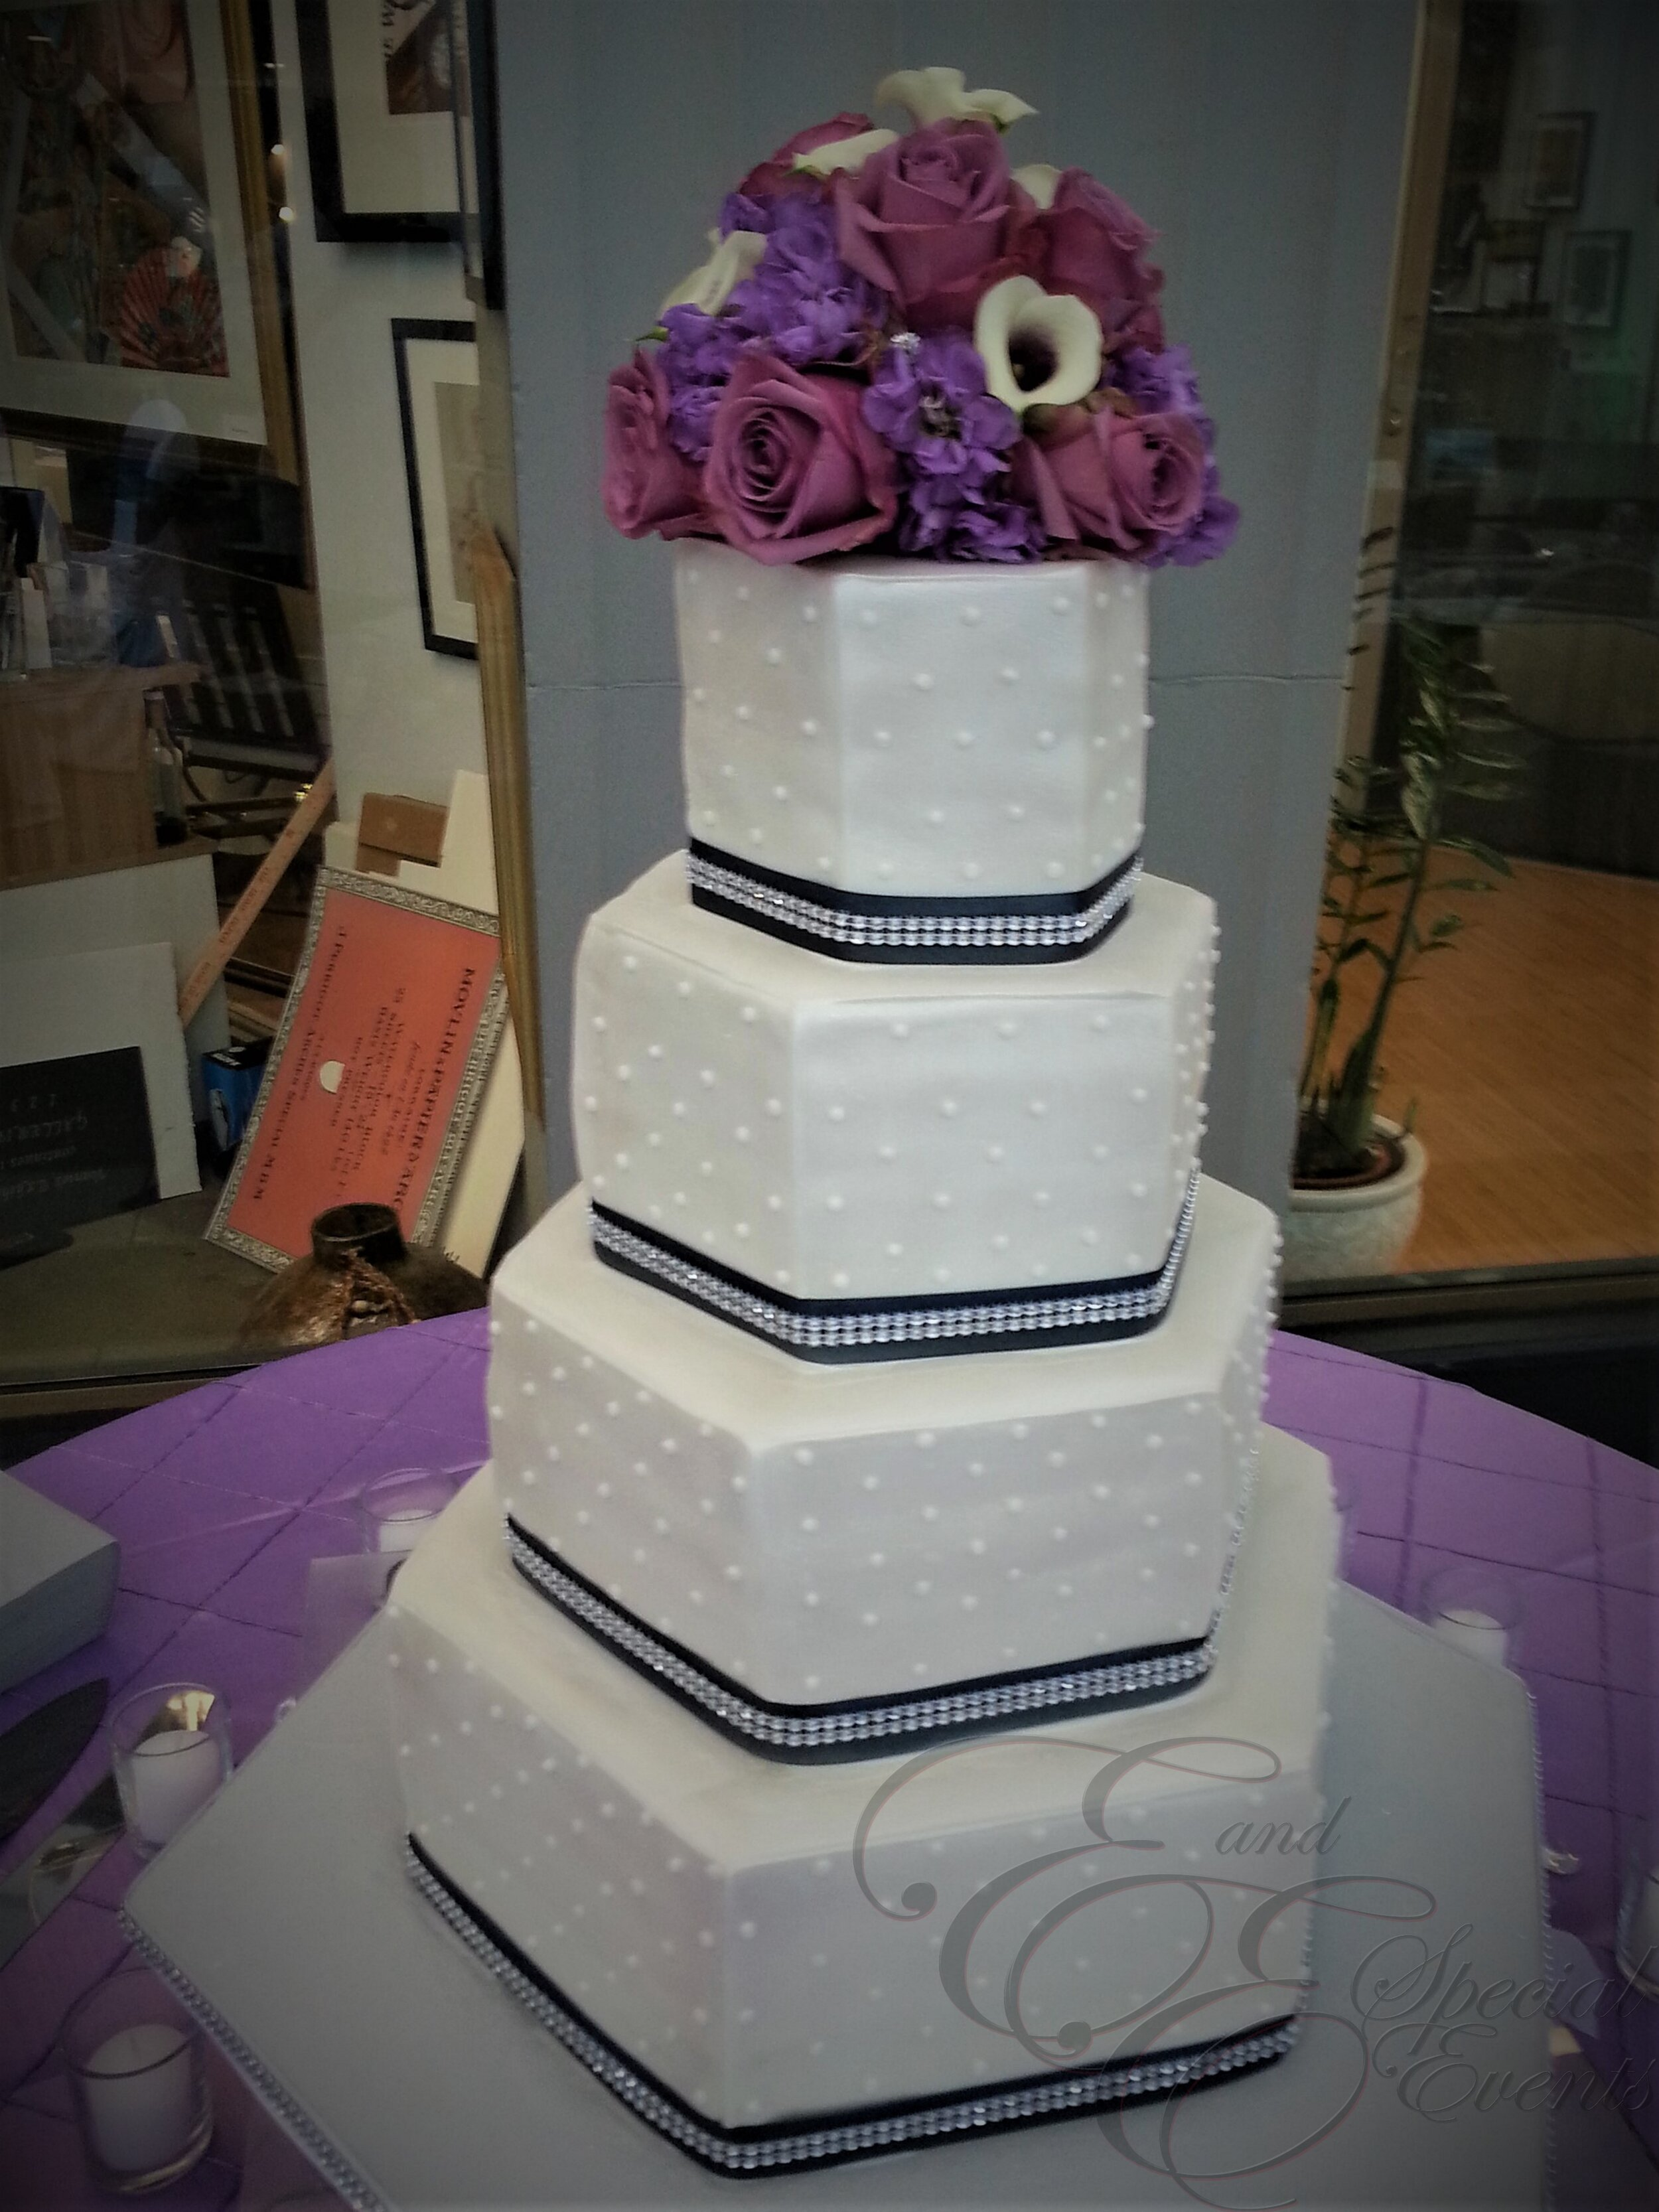 E_E_Special_Events_Wedding_Cakes_Flowers_Virginia_Beach_Hampton_Roads18.jpg